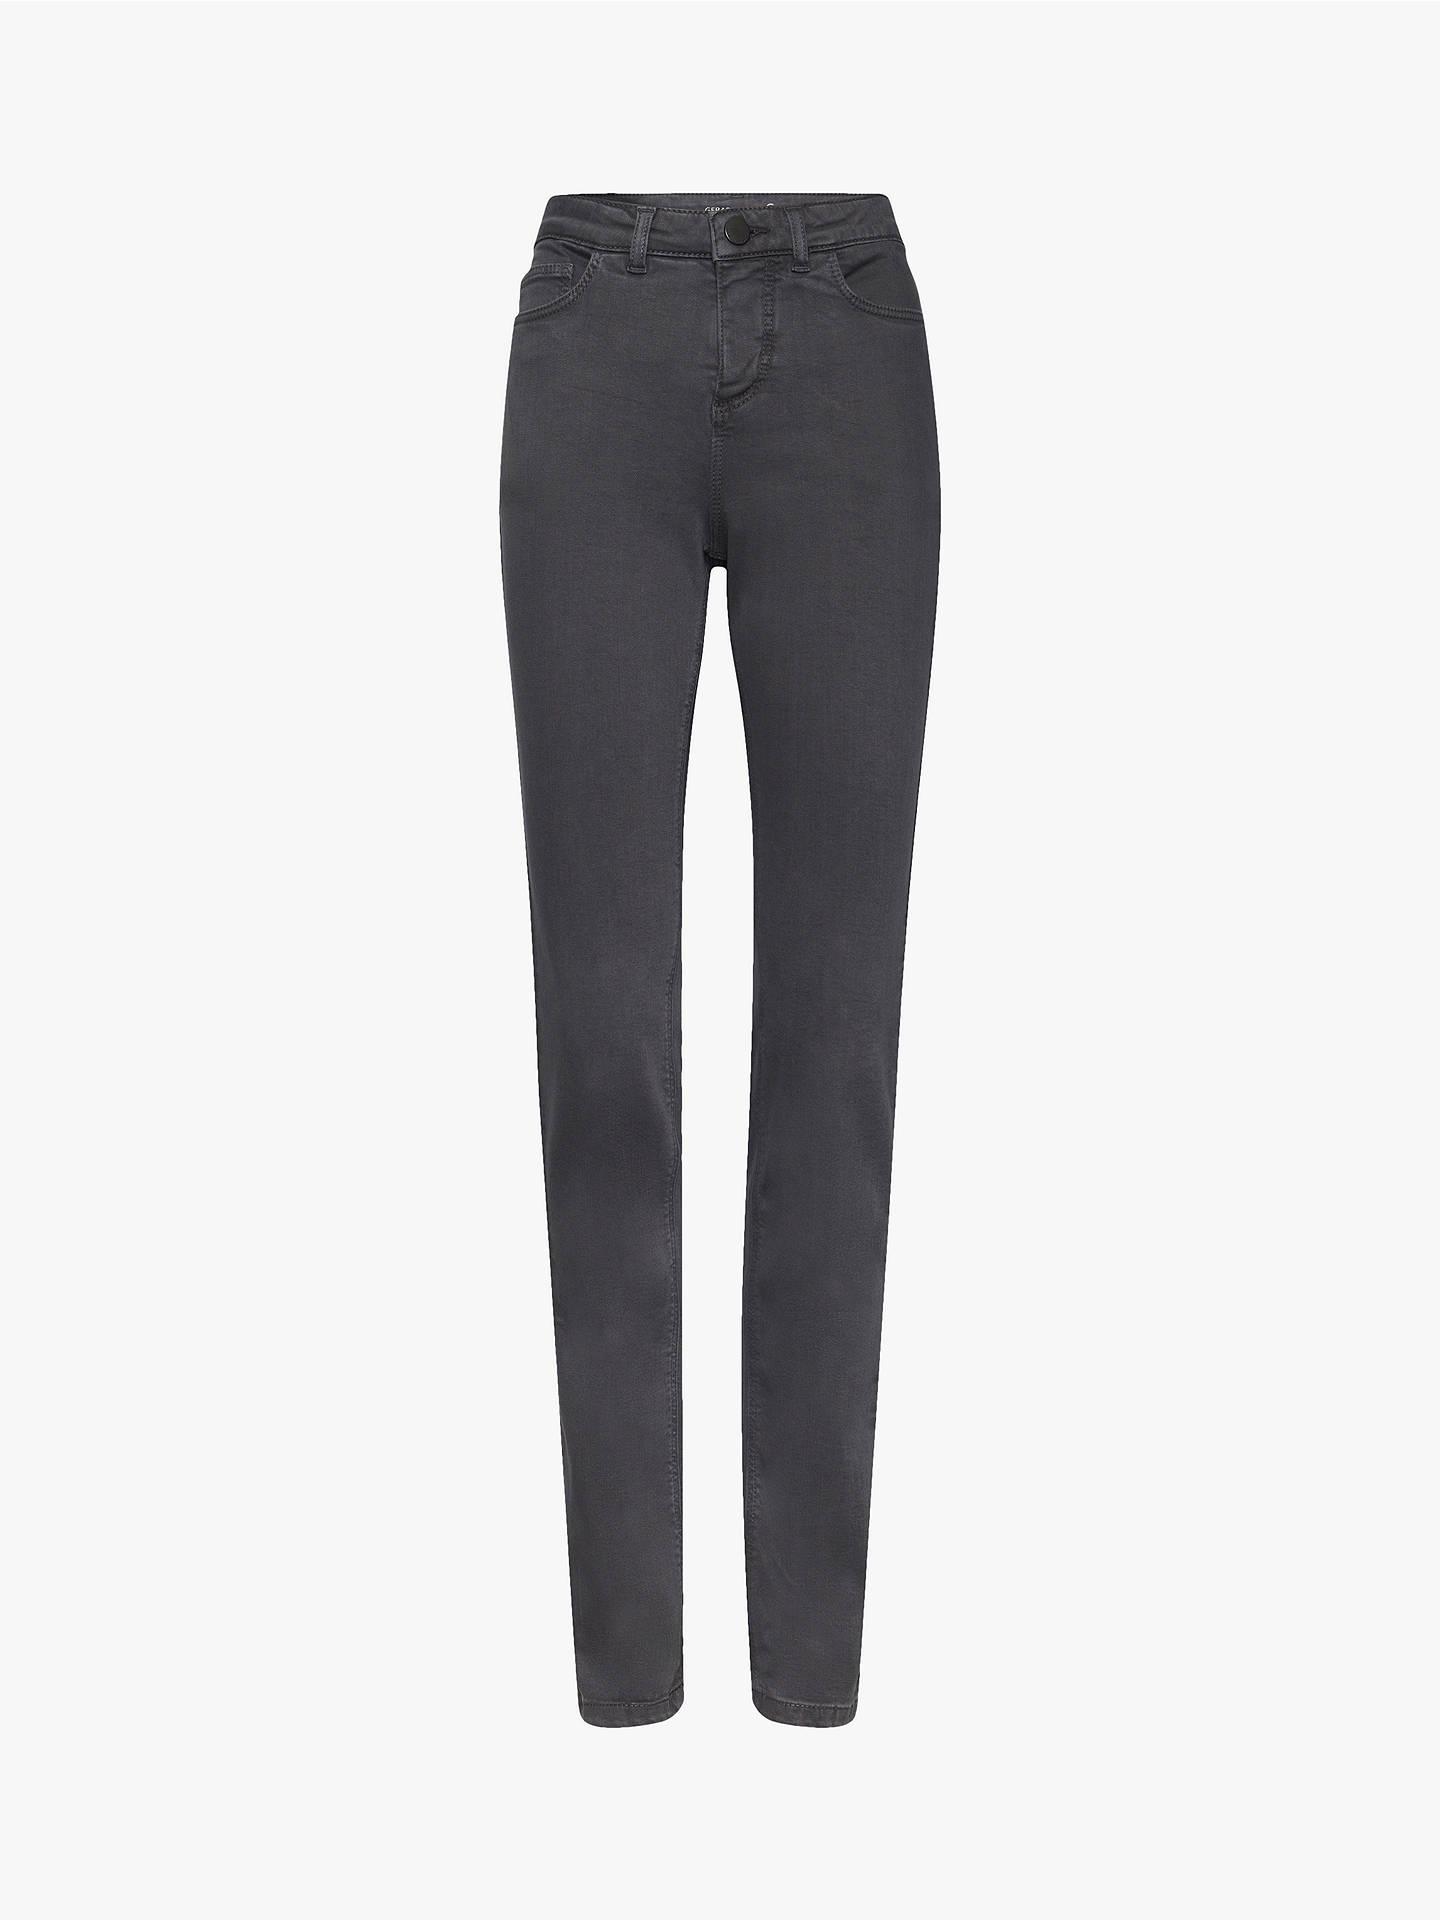 Gerard Darel Lise Skinny Jeans, Charcoal by Gerard Darel